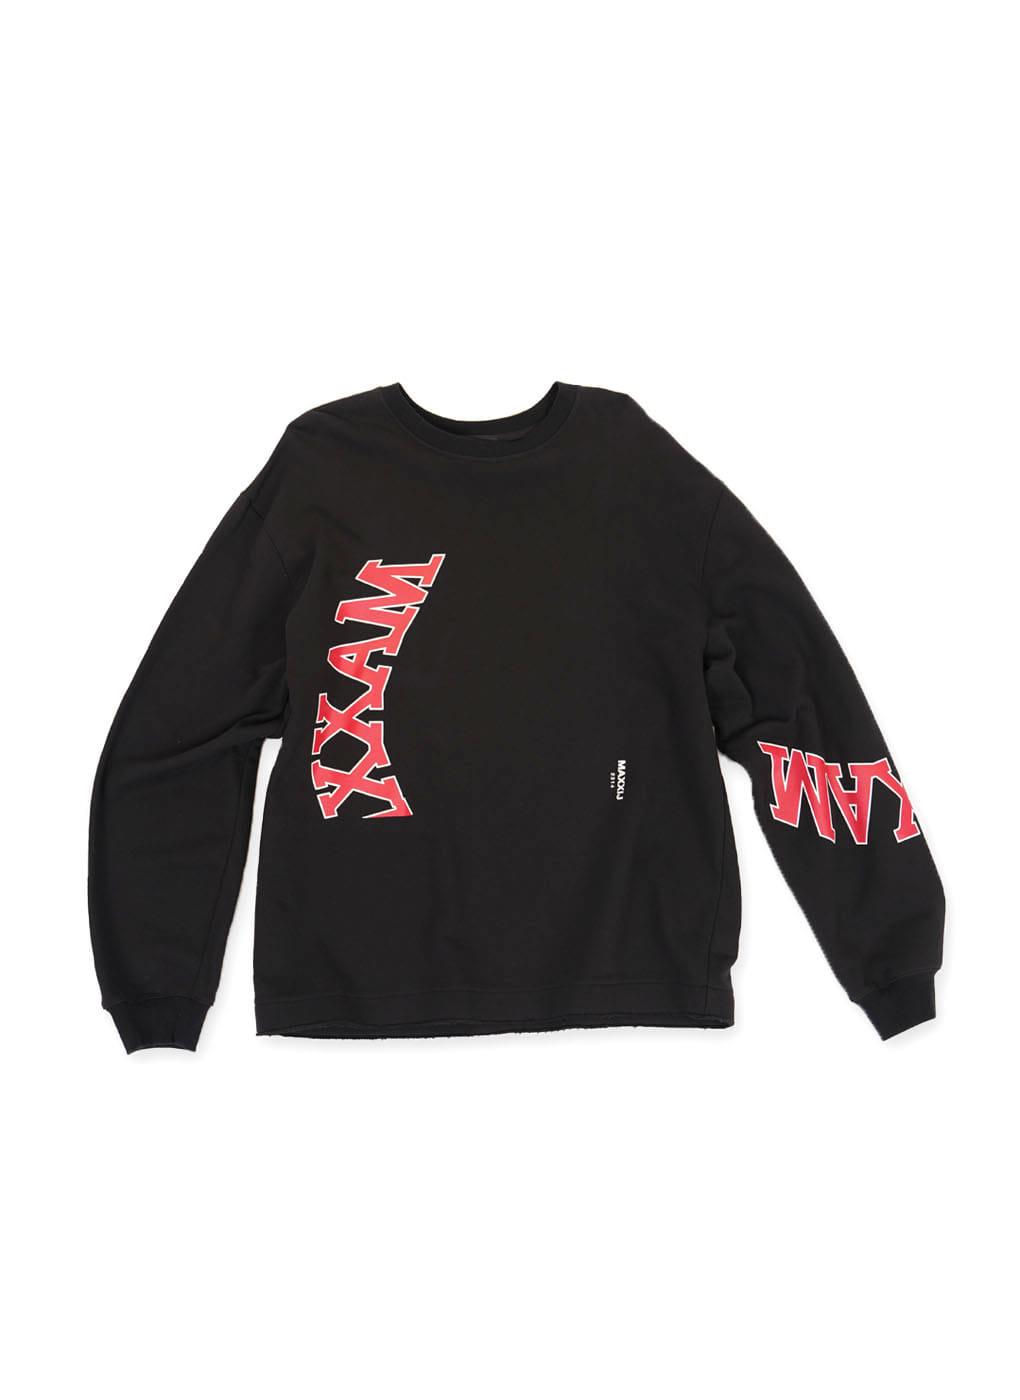 Black Collage Printed Sweatshirt